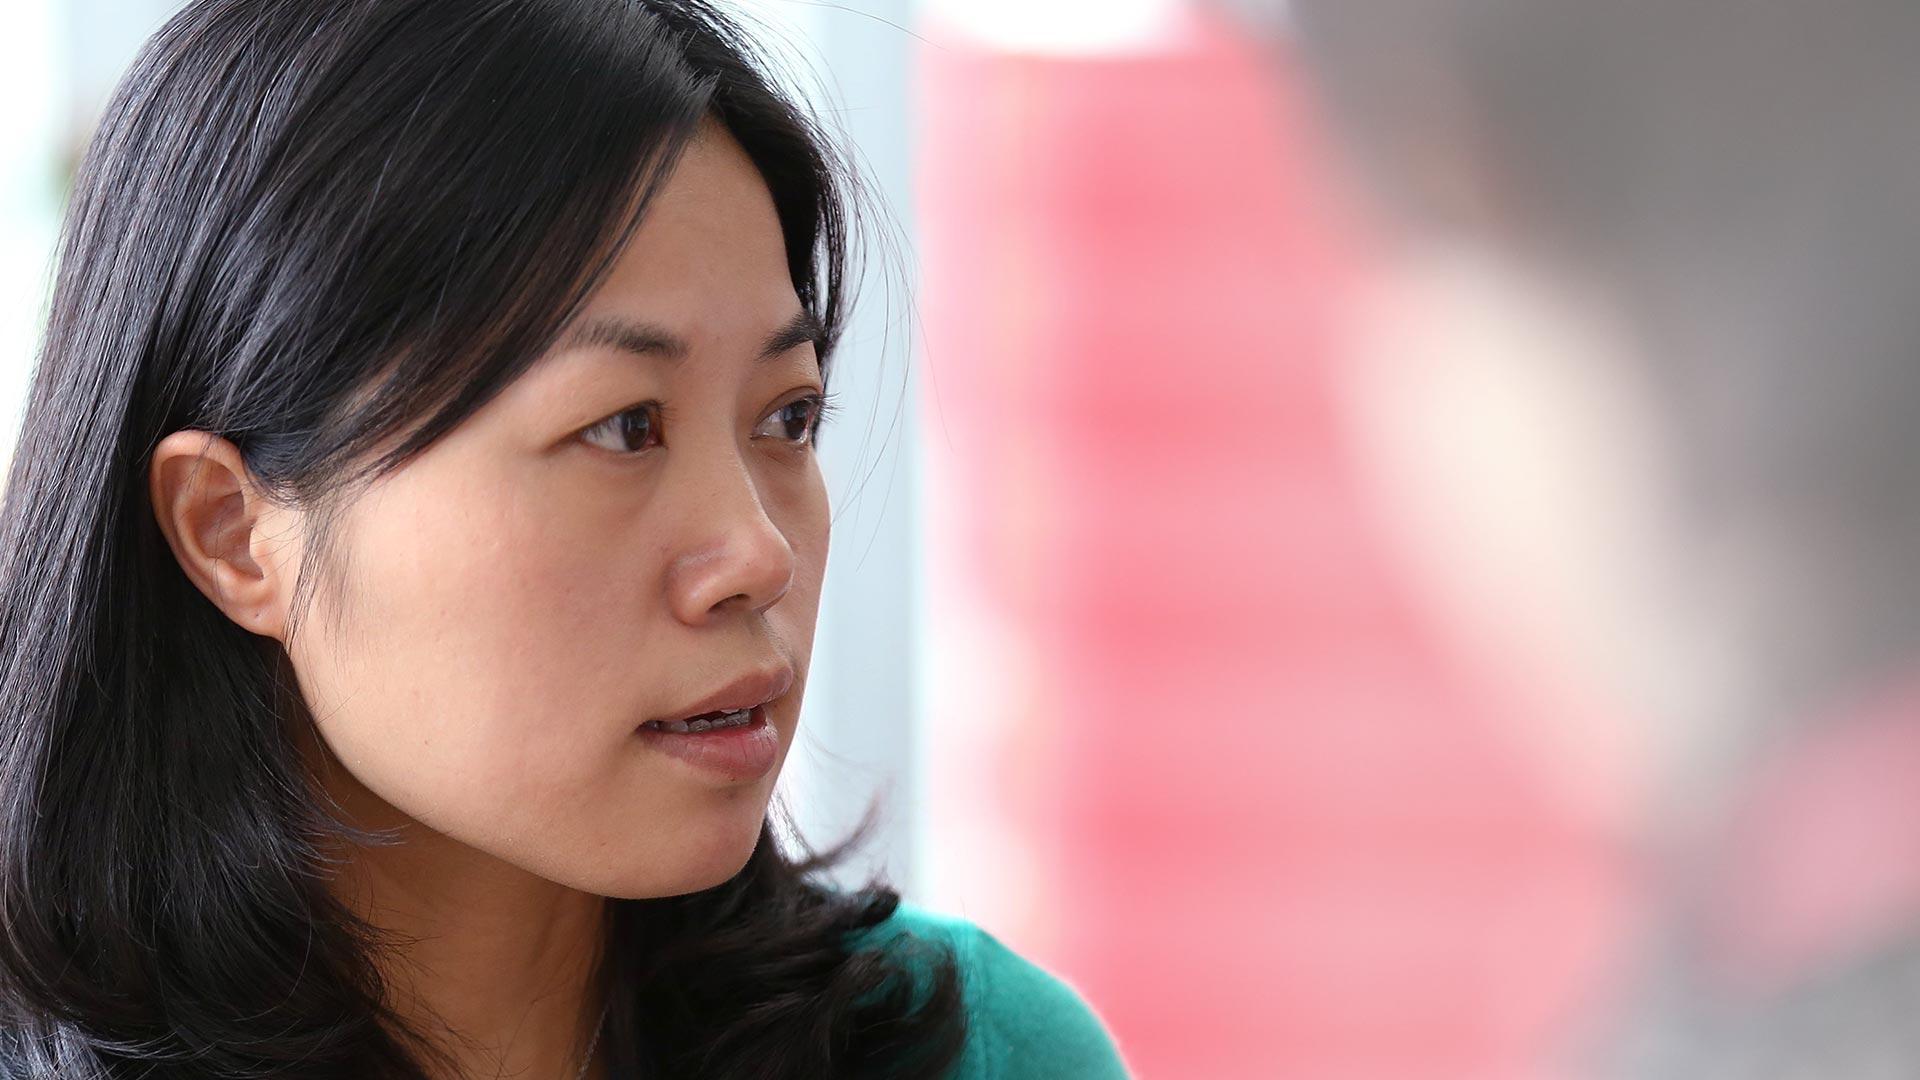 Asian woman in profile